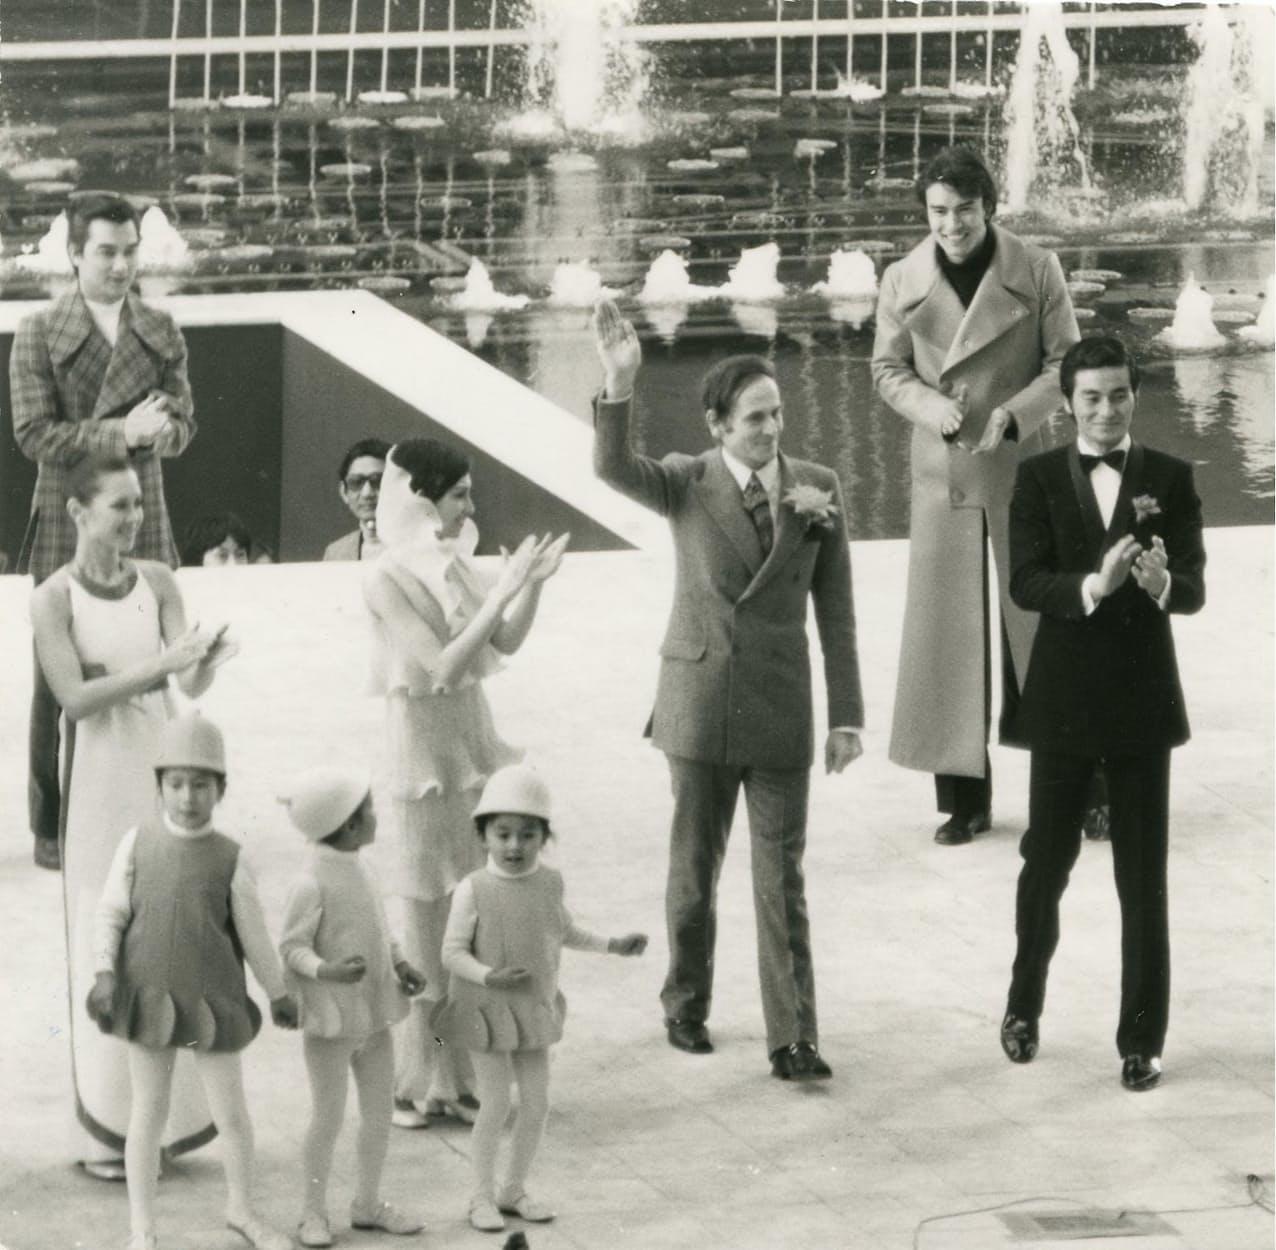 大阪万博のファッションショーであいさつするピエール・カルダン氏(1970年、中央で右手を挙げる人物)=高島屋史料館提供